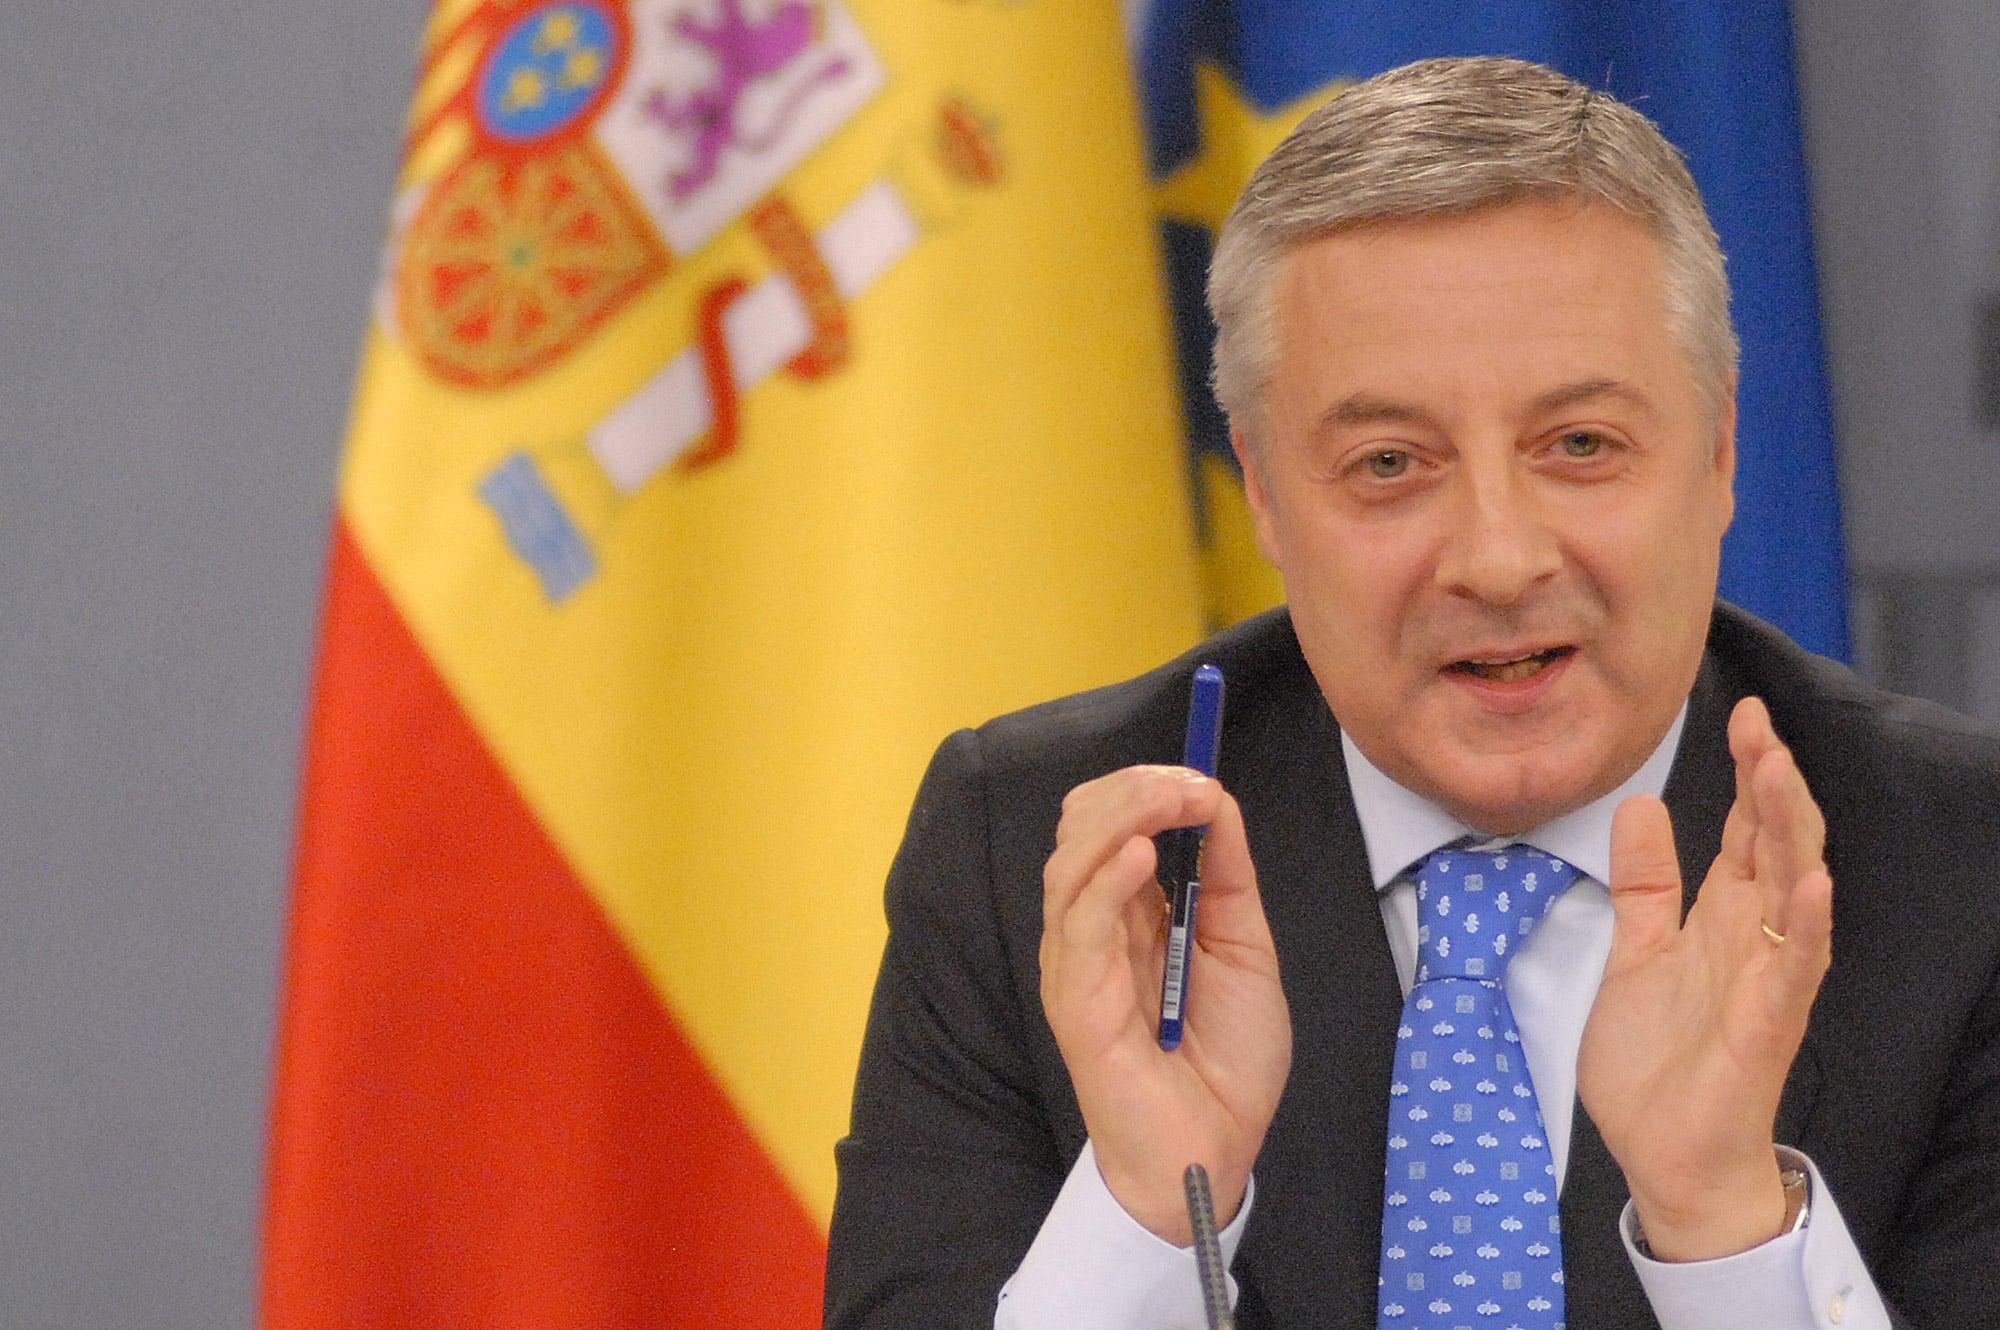 وزير إسباني يبيع أرقام هواتف